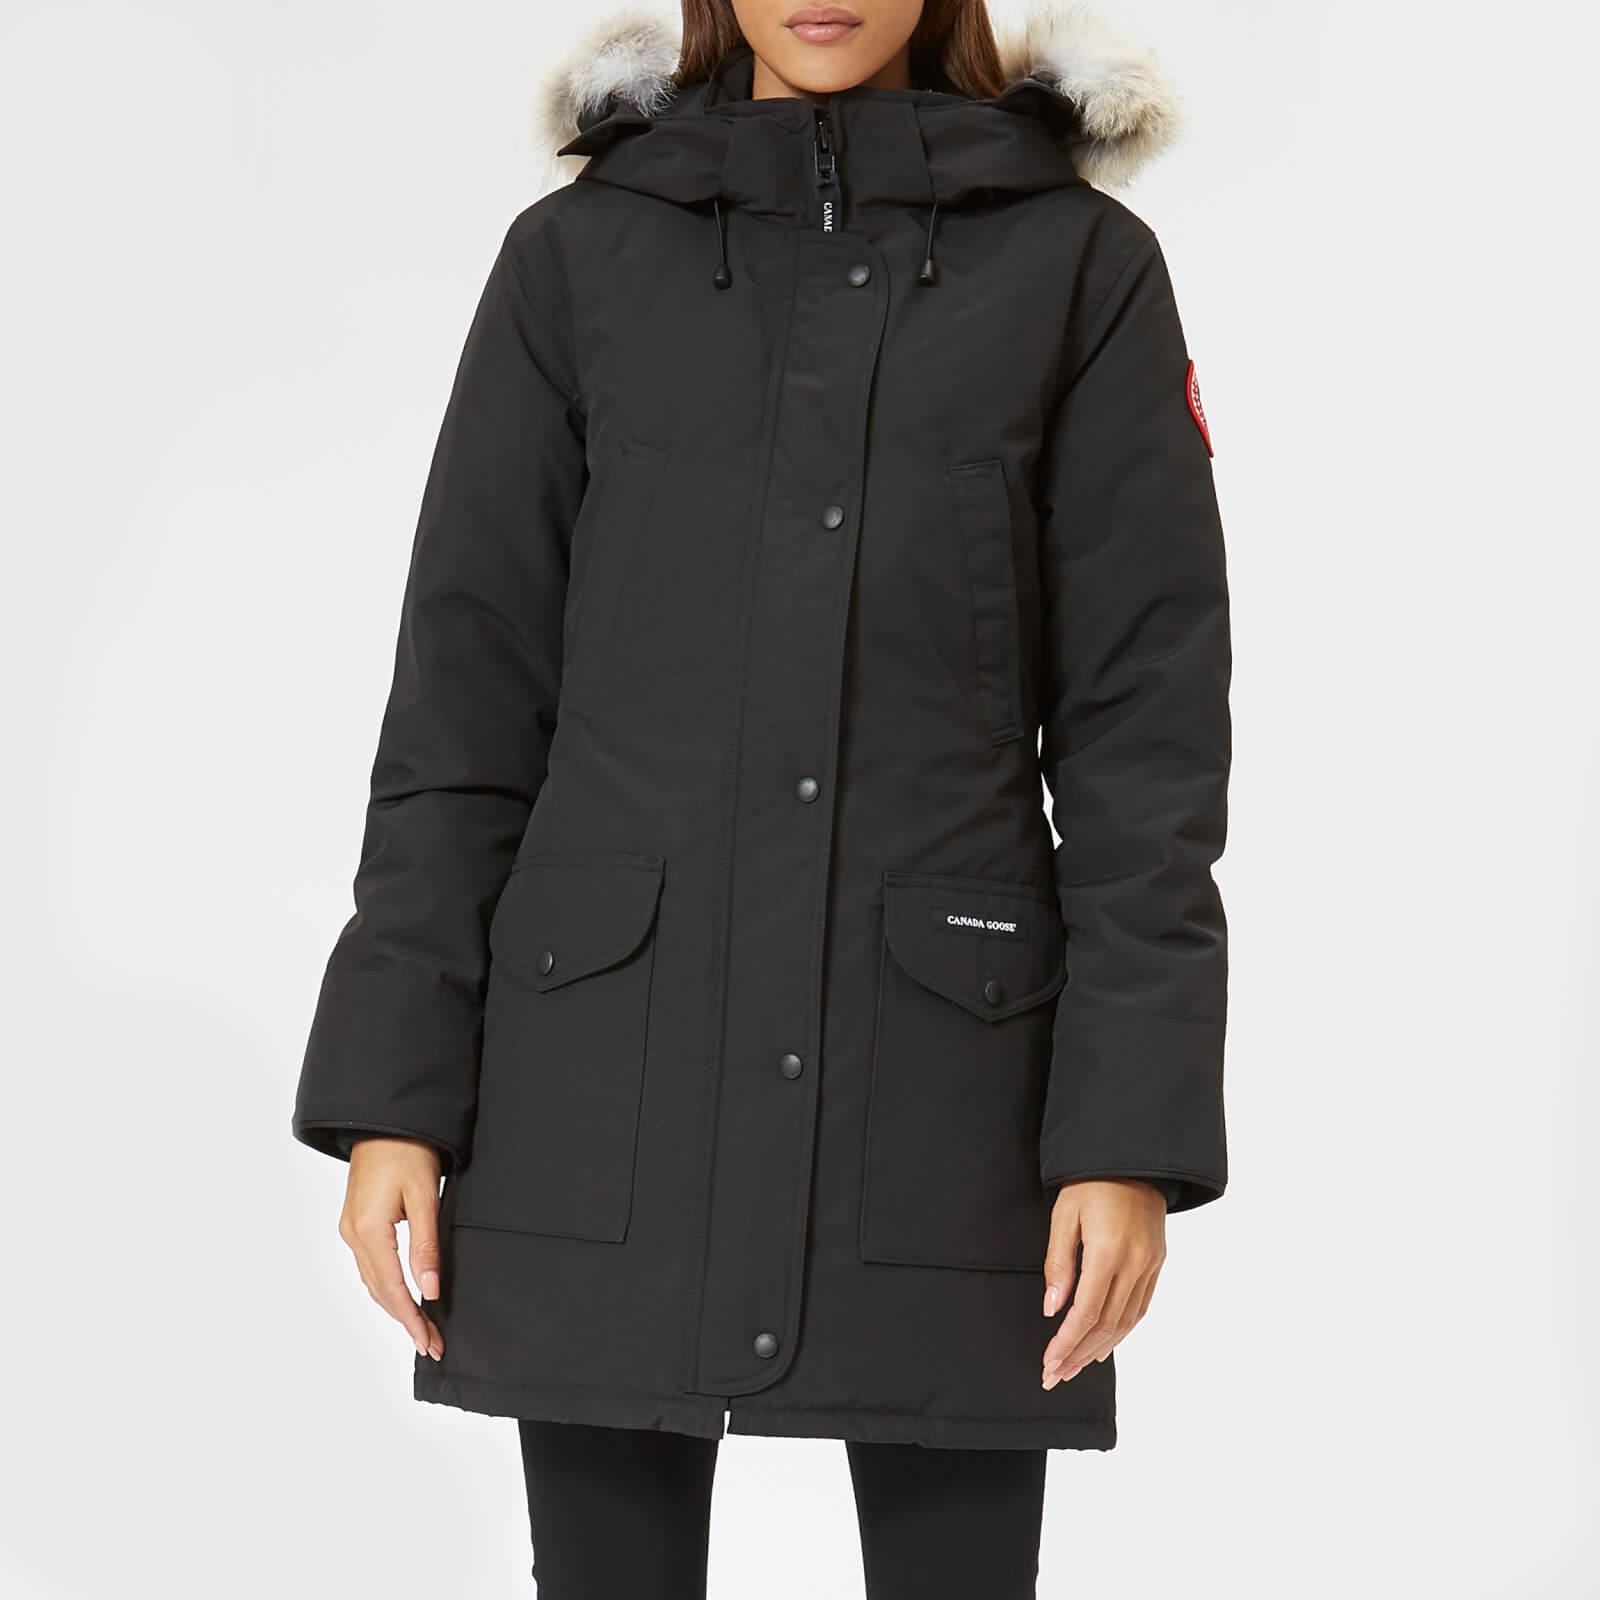 canada goose ladies trillium parka uk, Canada Goose coats